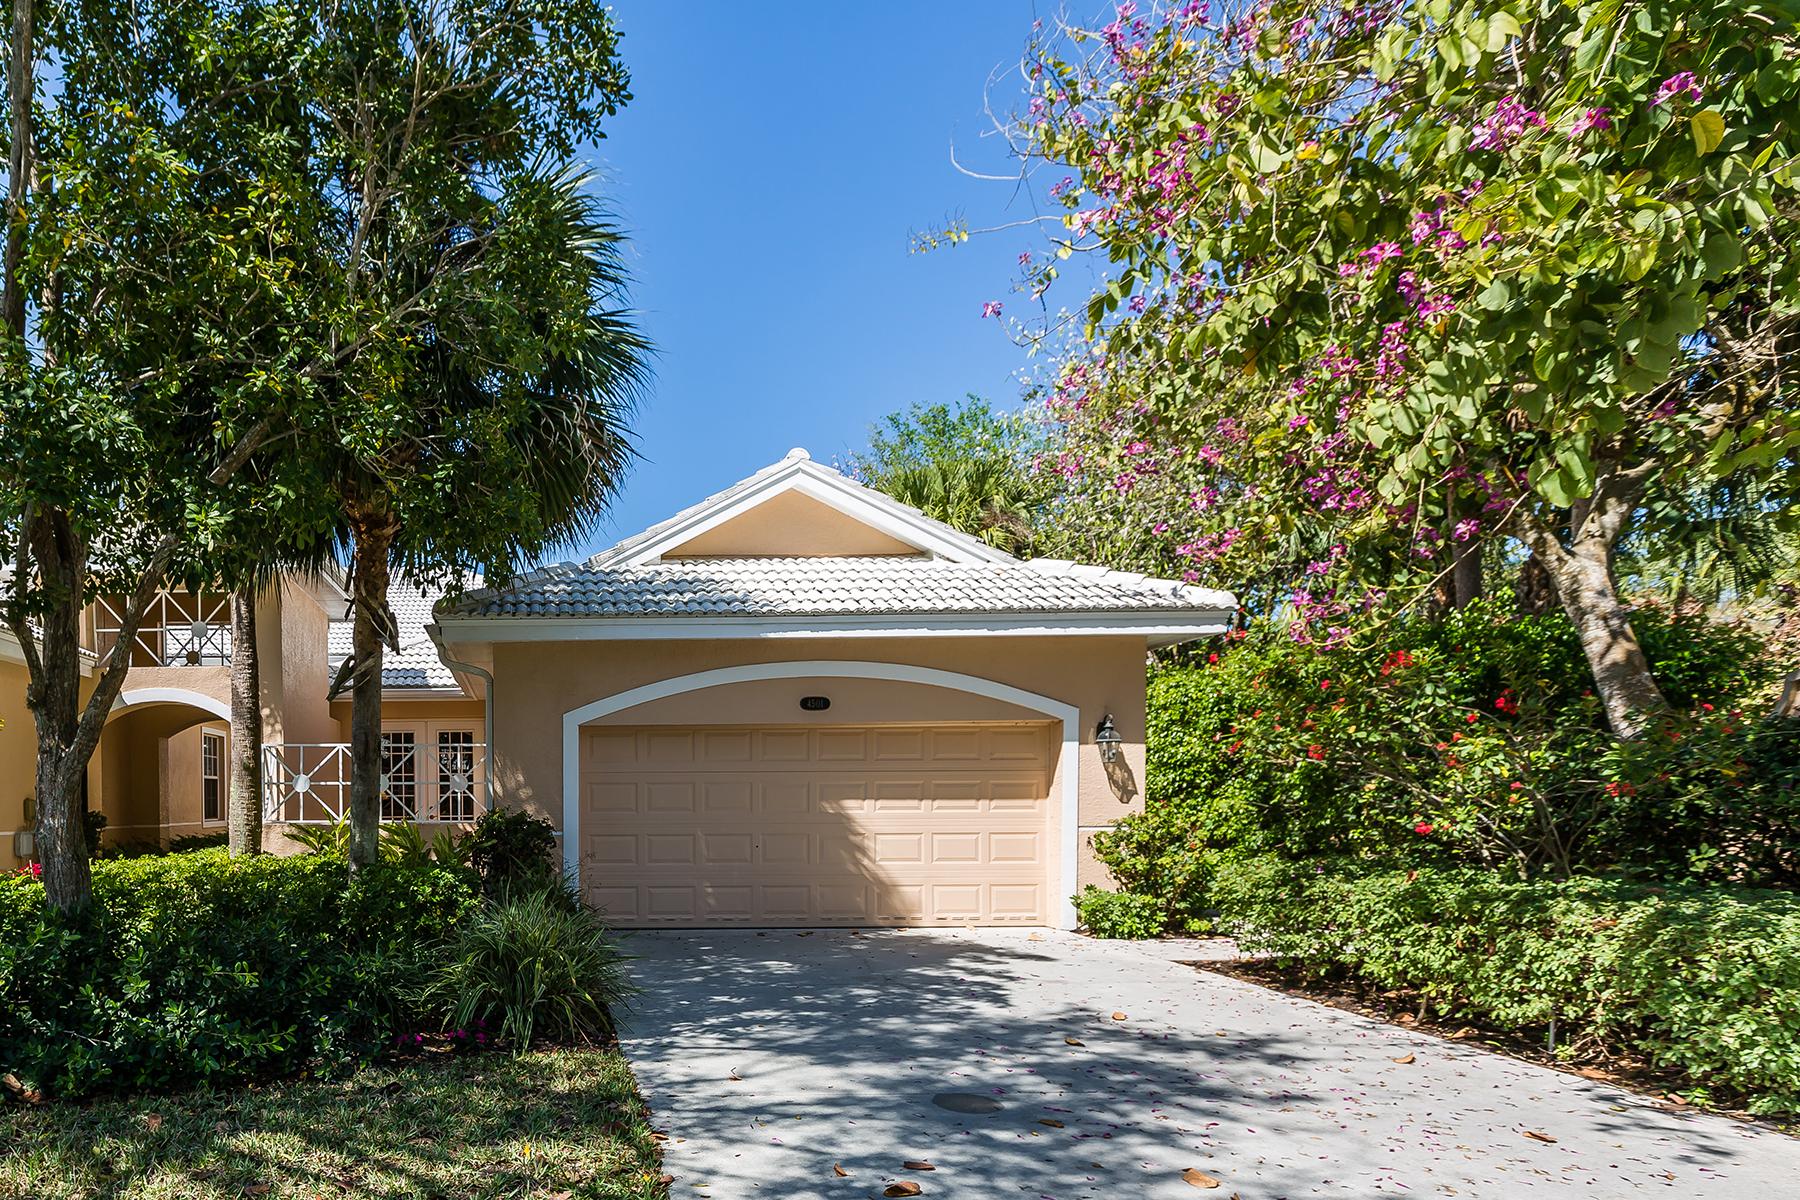 단독 가정 주택 용 매매 에 FIDDLERS CREEK 4501 Cardinal Cove Ln Naples, 플로리다, 34114 미국